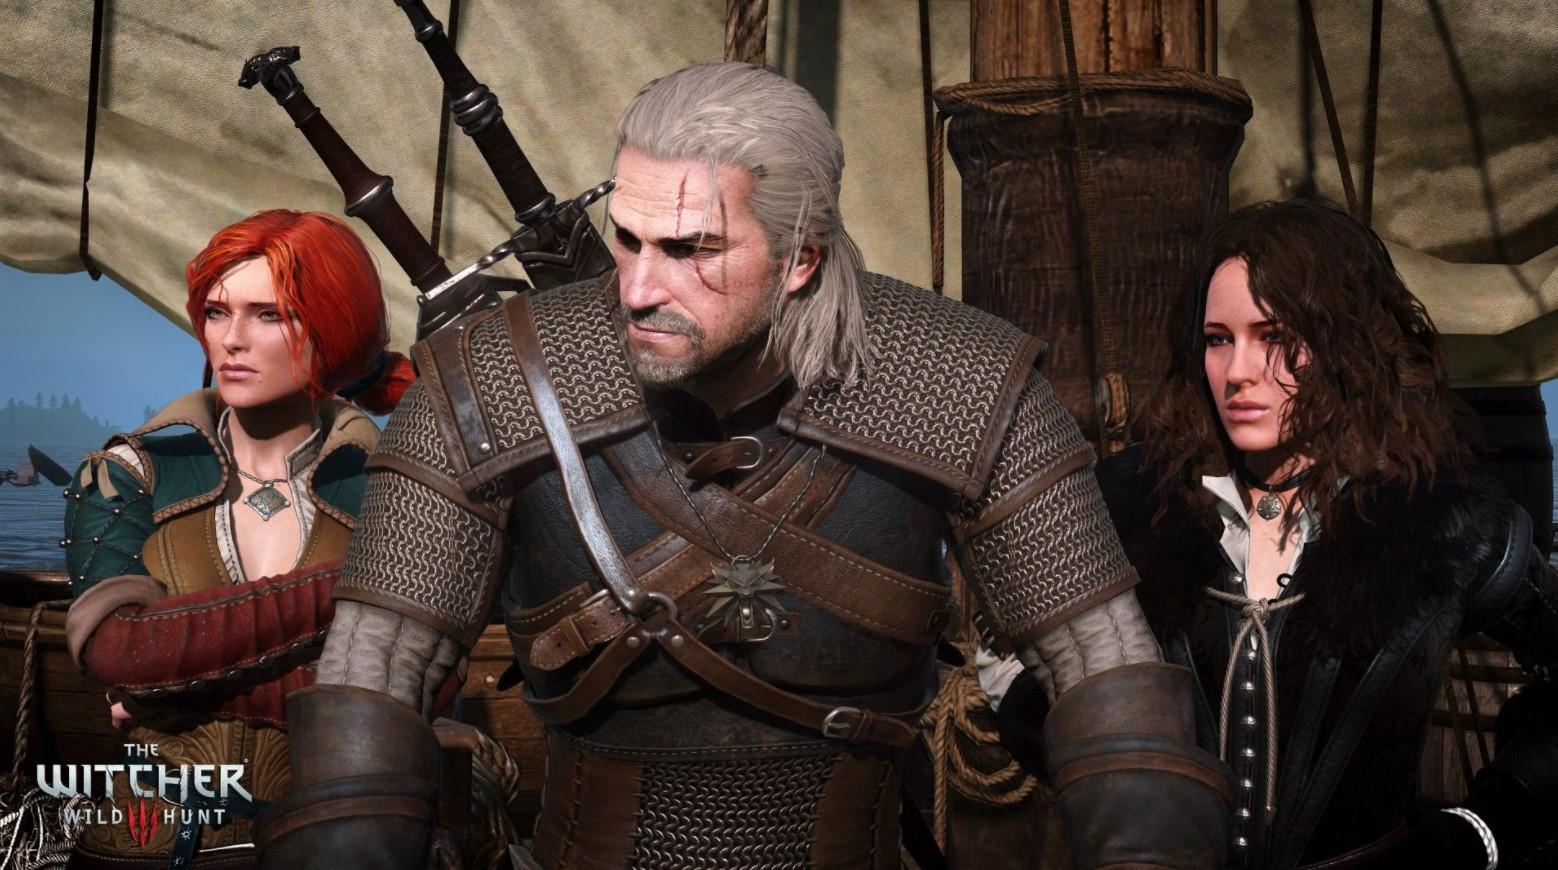 外媒评选上世代最优秀的30款游戏 《战神4》、《巫师3》入选